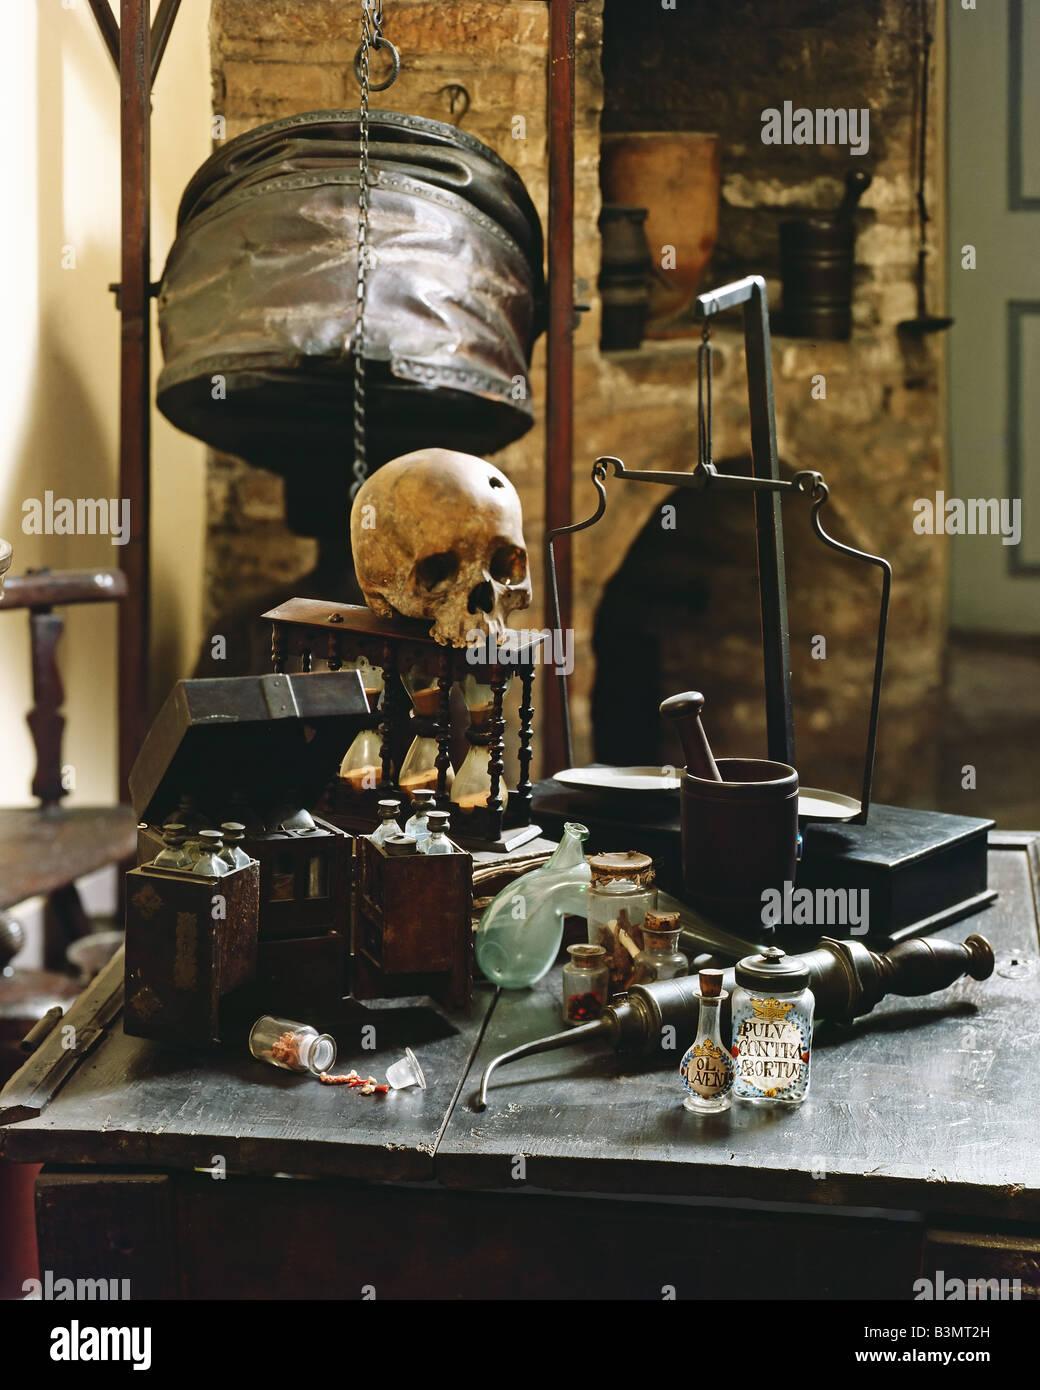 Las herramientas de preparación y cráneo humano en una antigua farmacia del siglo XIV. Foto de stock